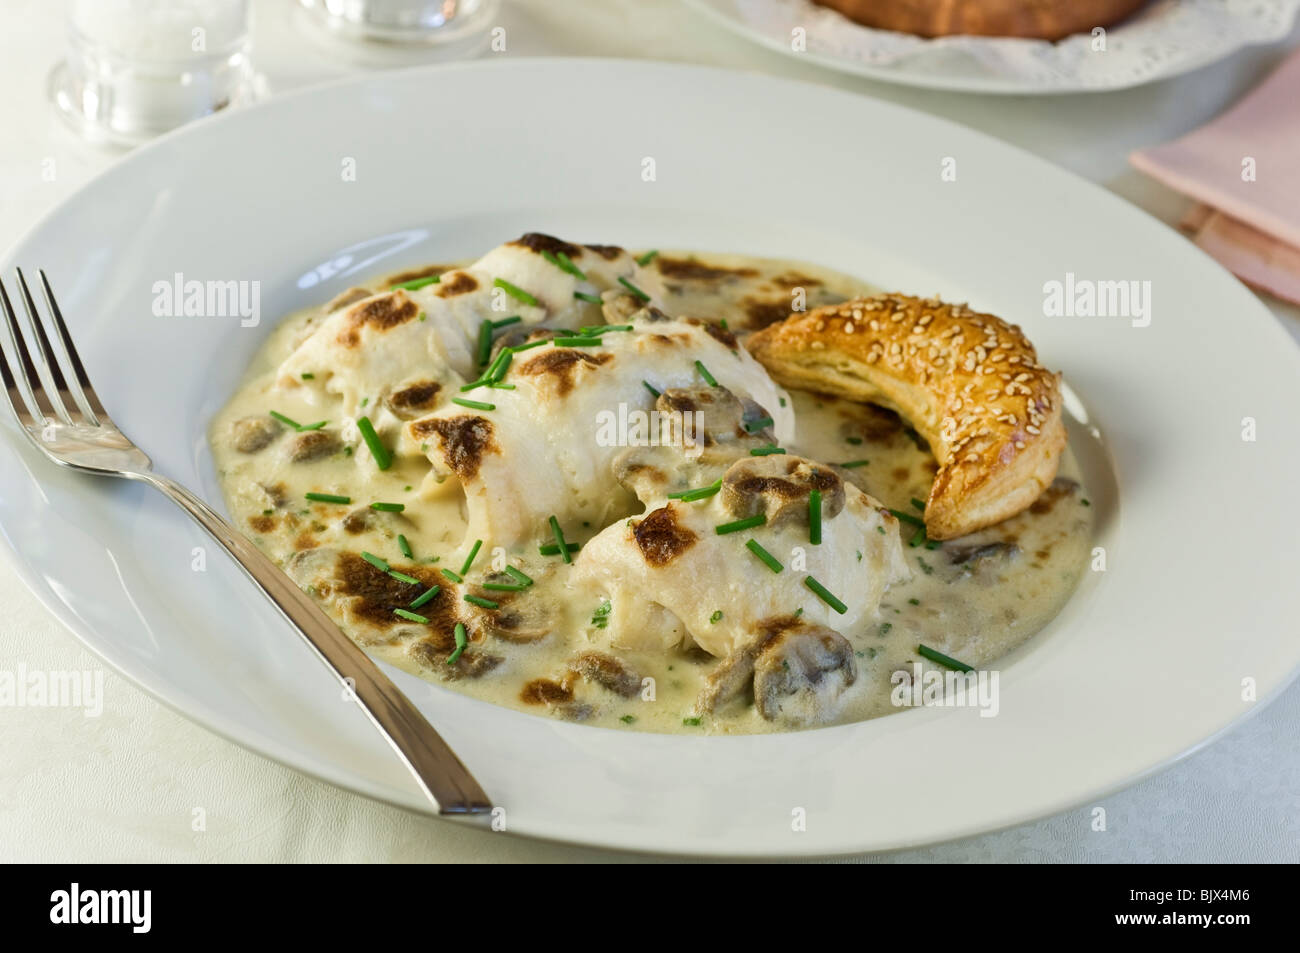 Sogliola bonne femme Francia cibo Immagini Stock